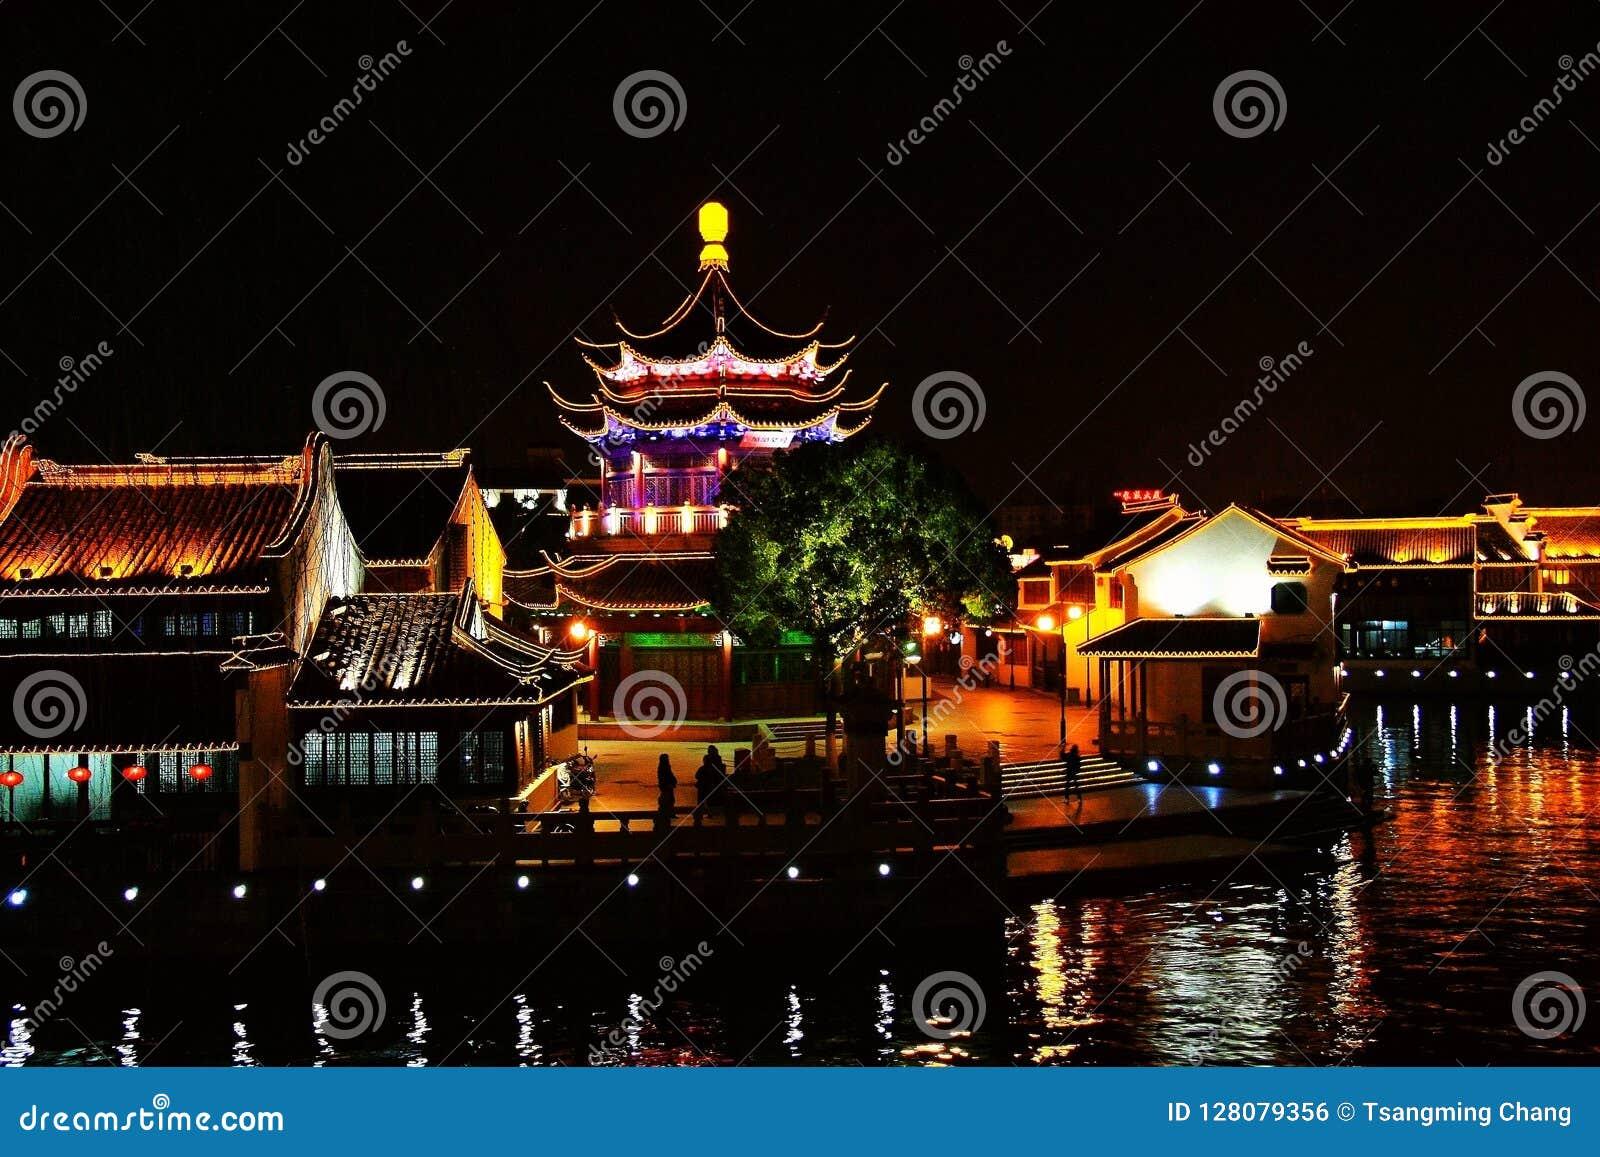 The Night scene in Suzhou city